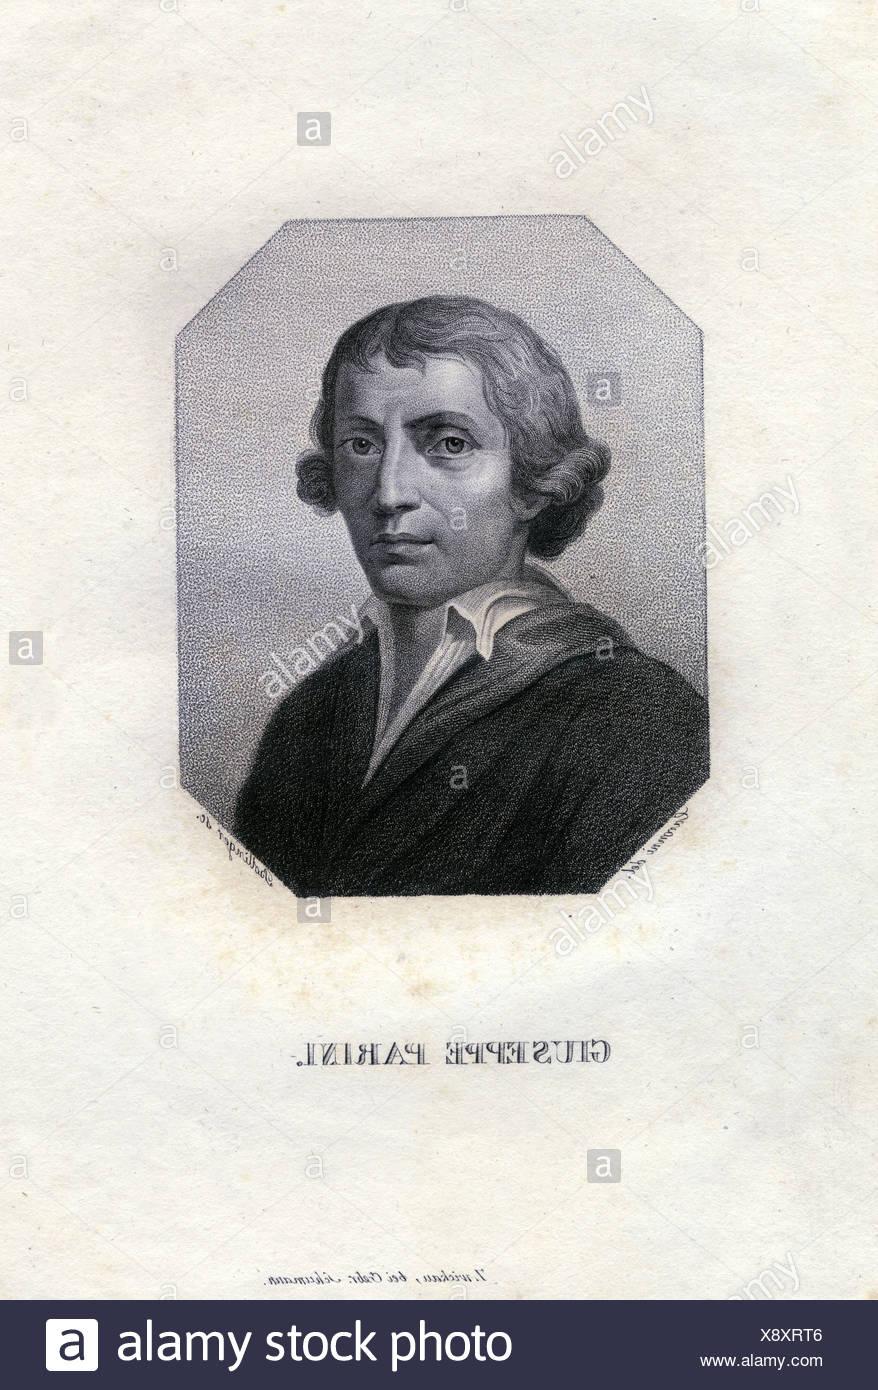 Parini Giuseppe 23 5 1729 15 8 1799 Italian Author Writer